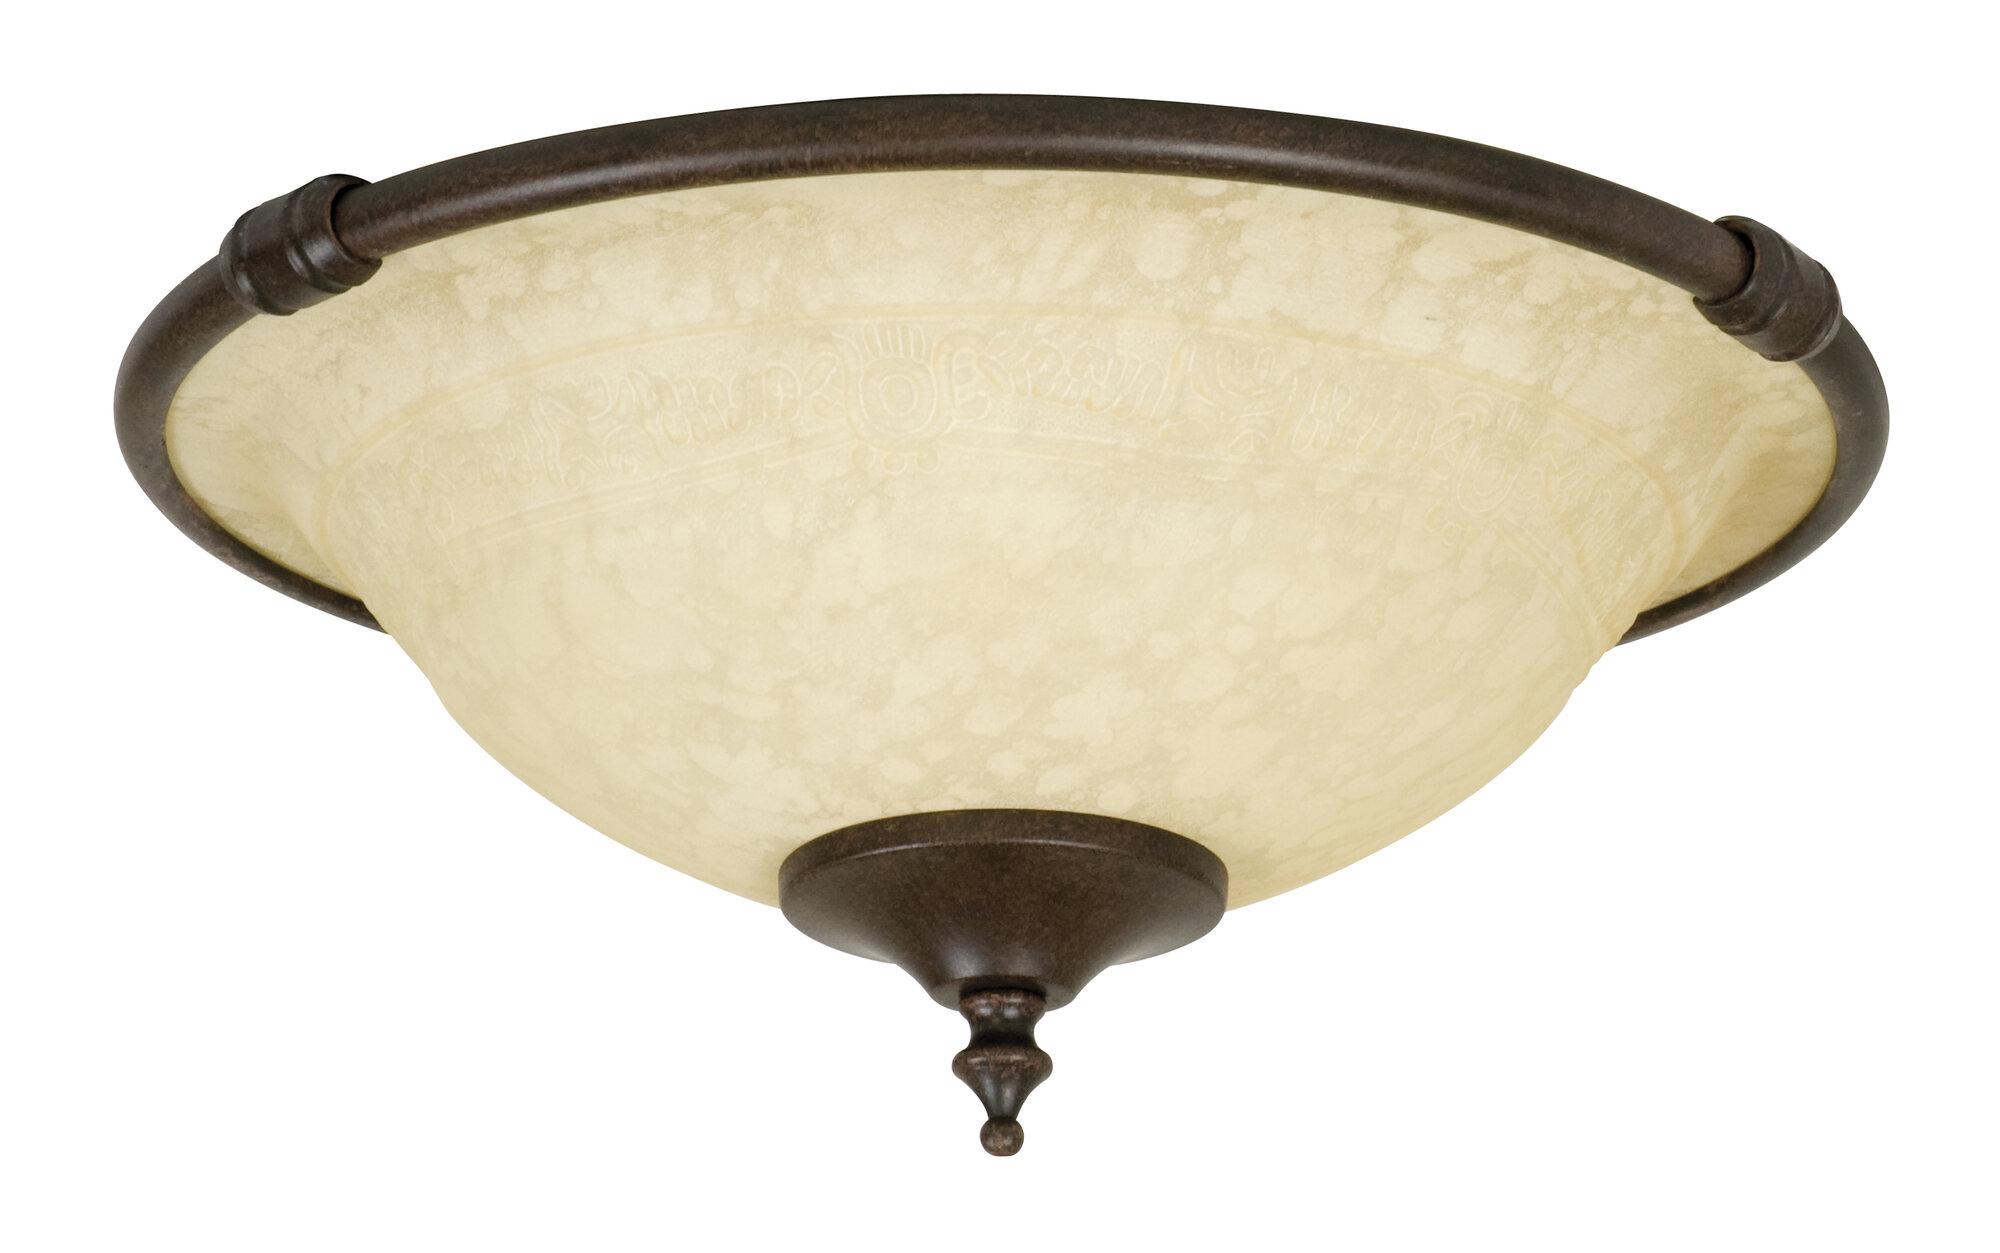 Craftmade Economy 2 Light Bowl Ceiling Fan Light Kit